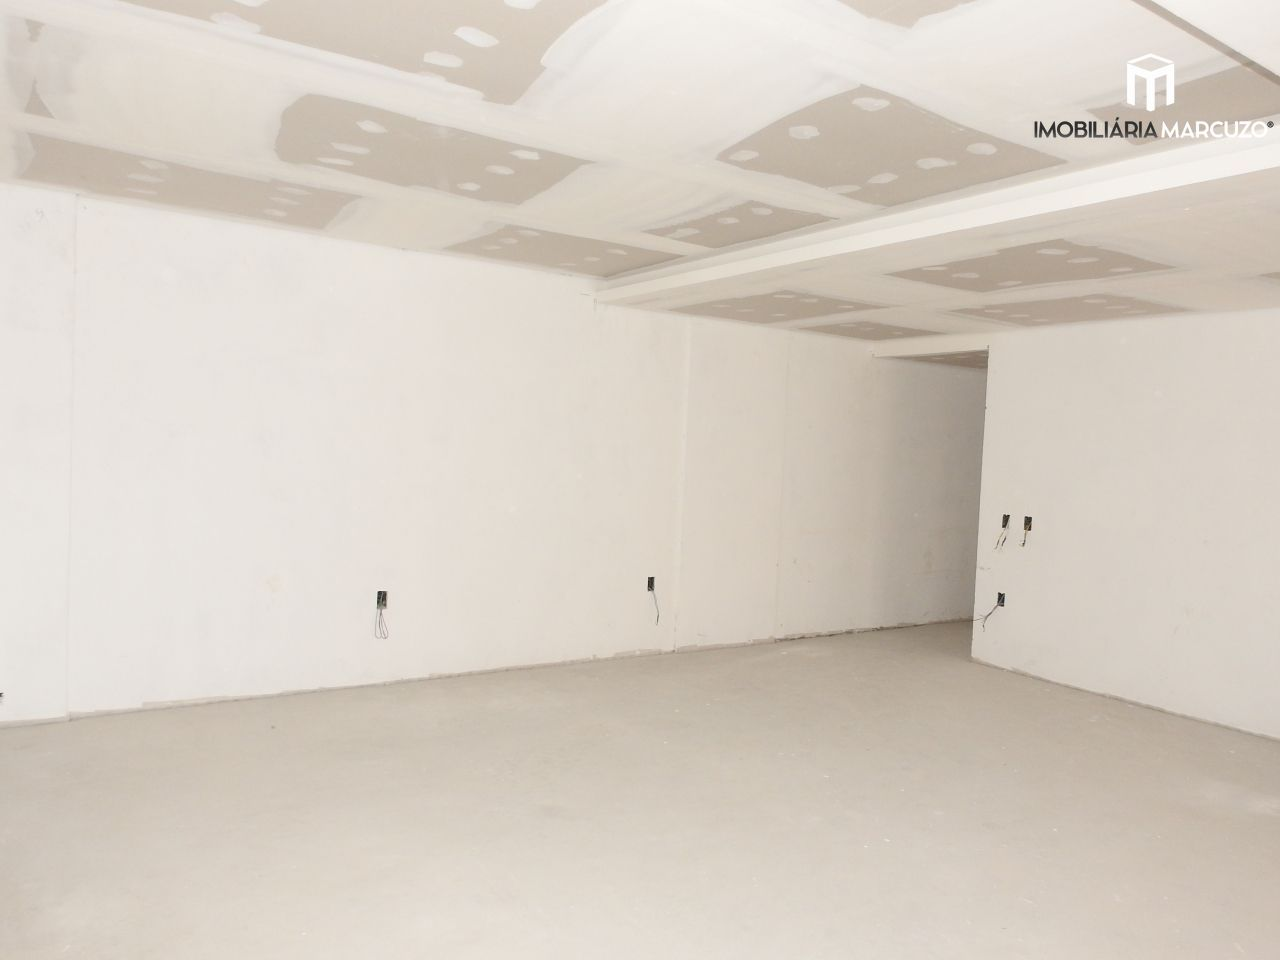 Apartamento com 3 Dormitórios à venda, 170 m² por R$ 850.000,00